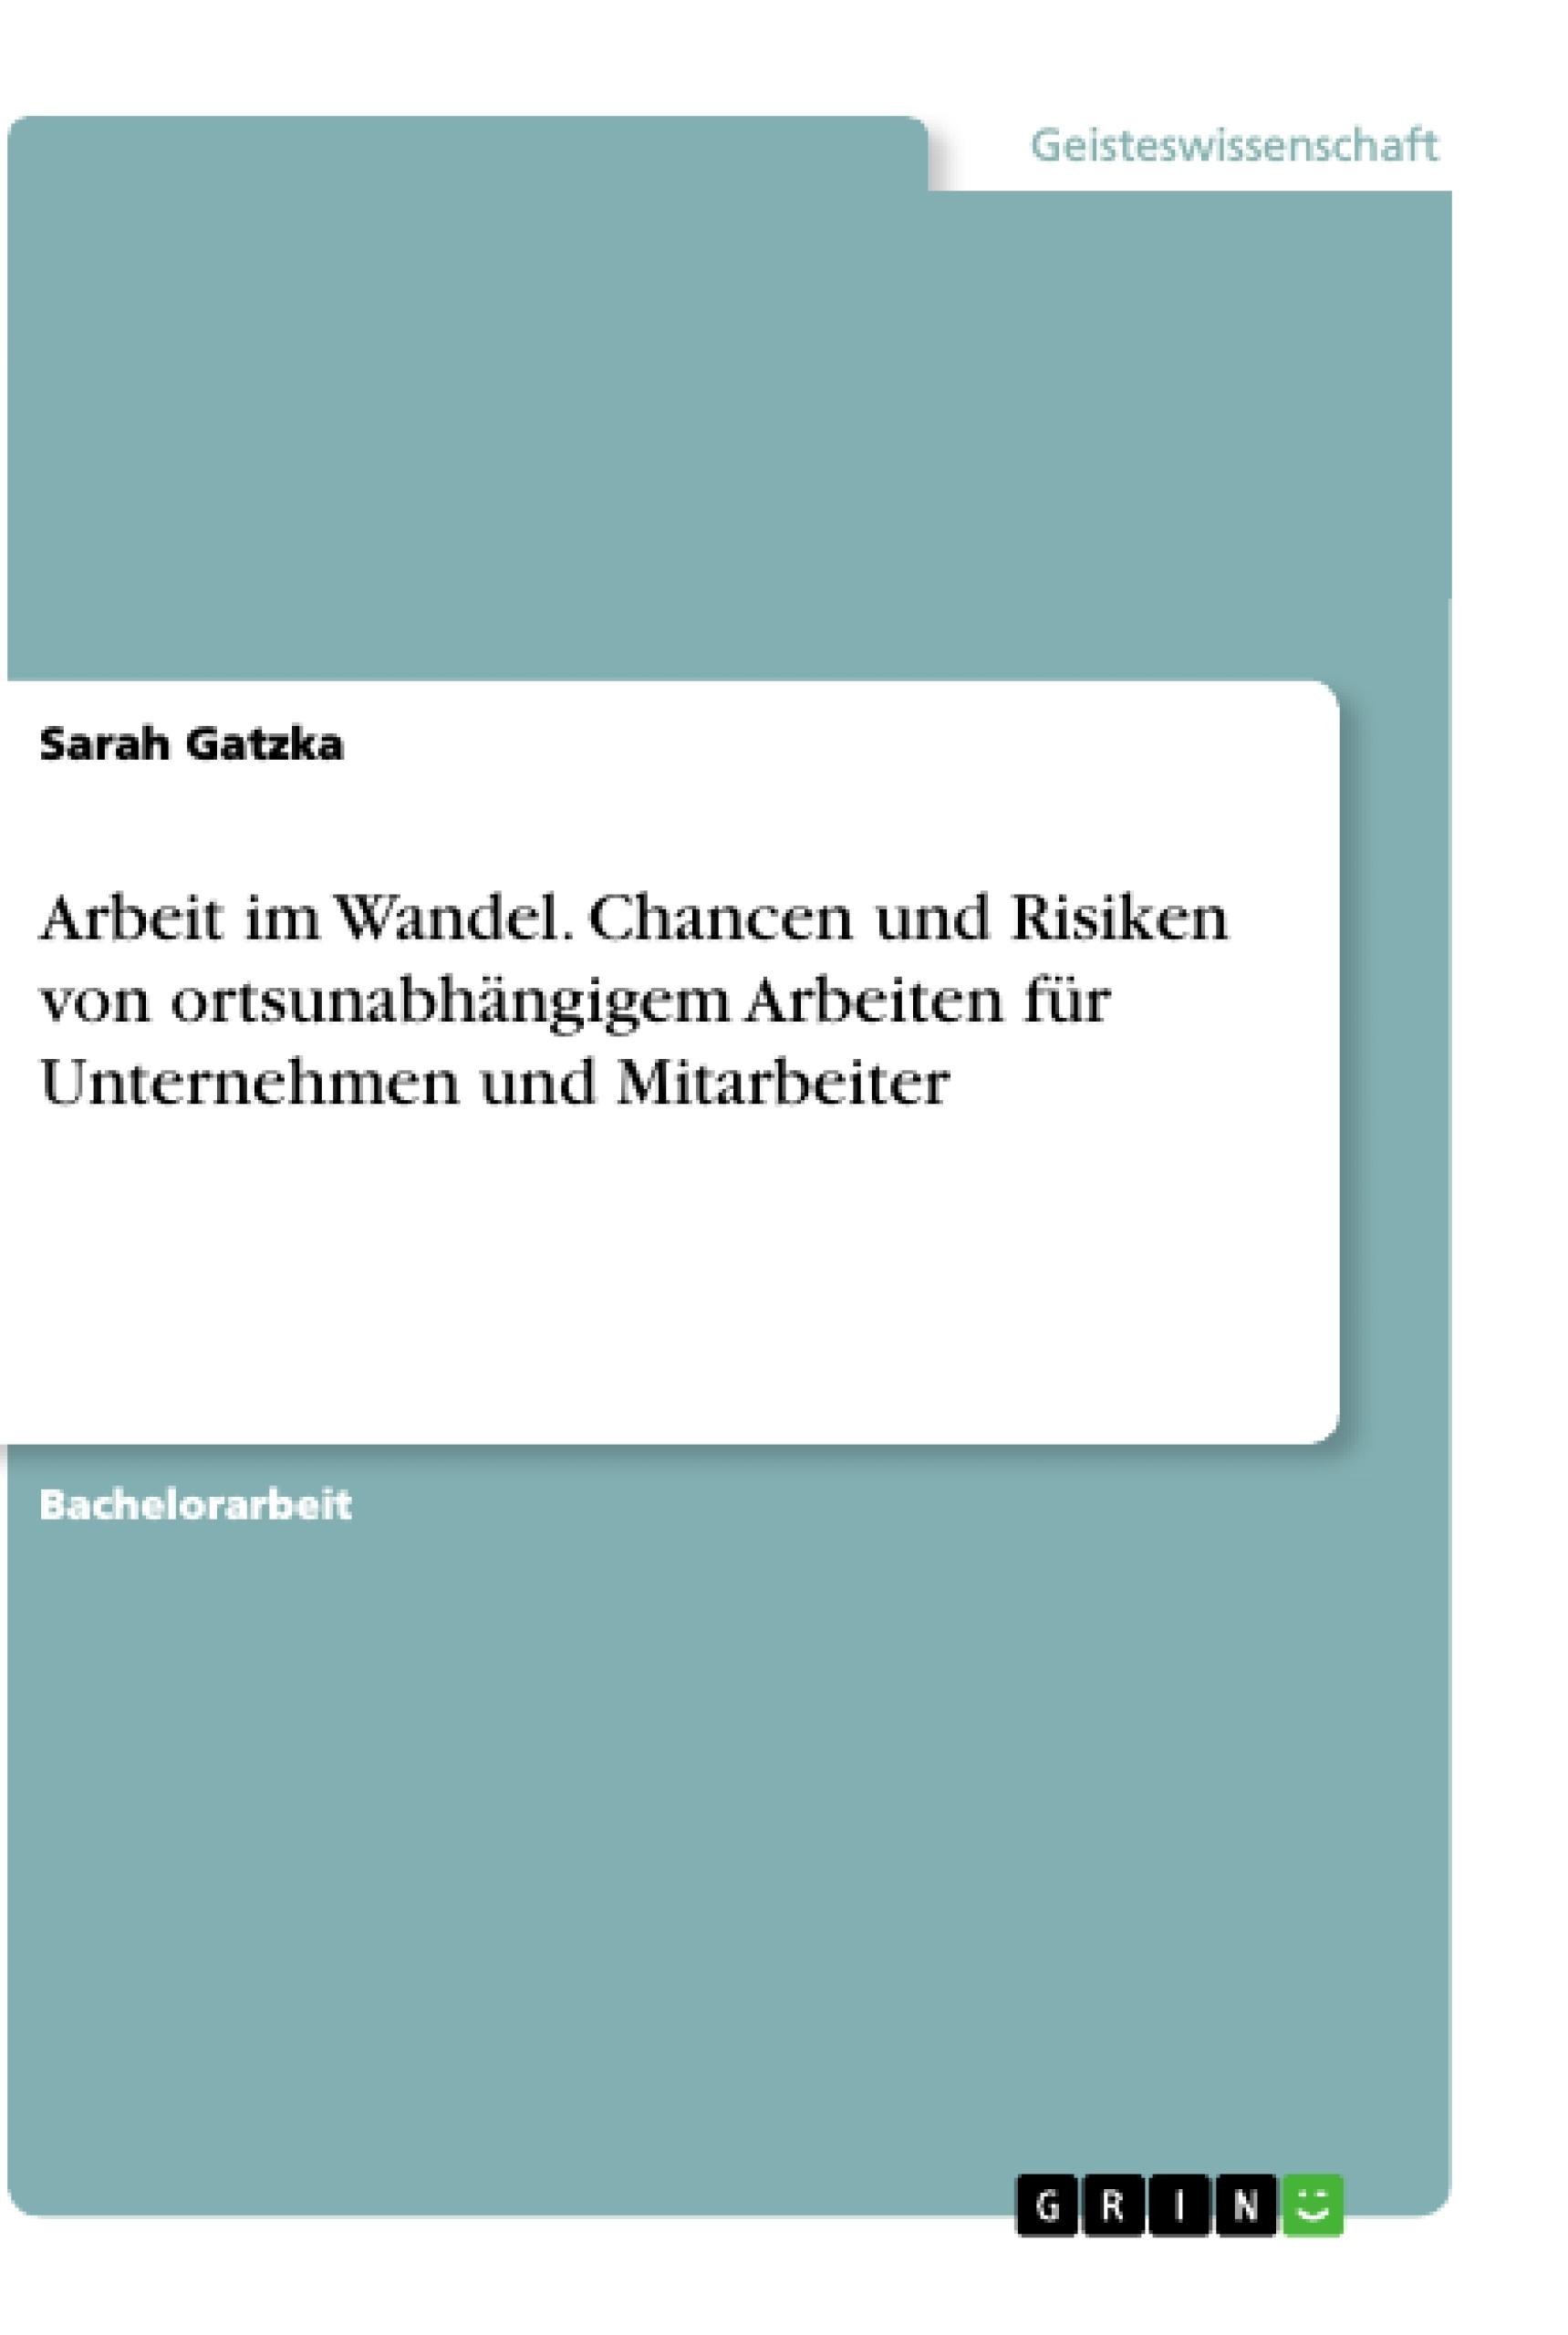 Titel: Arbeit im Wandel. Chancen und Risiken von ortsunabhängigem Arbeiten für Unternehmen und Mitarbeiter